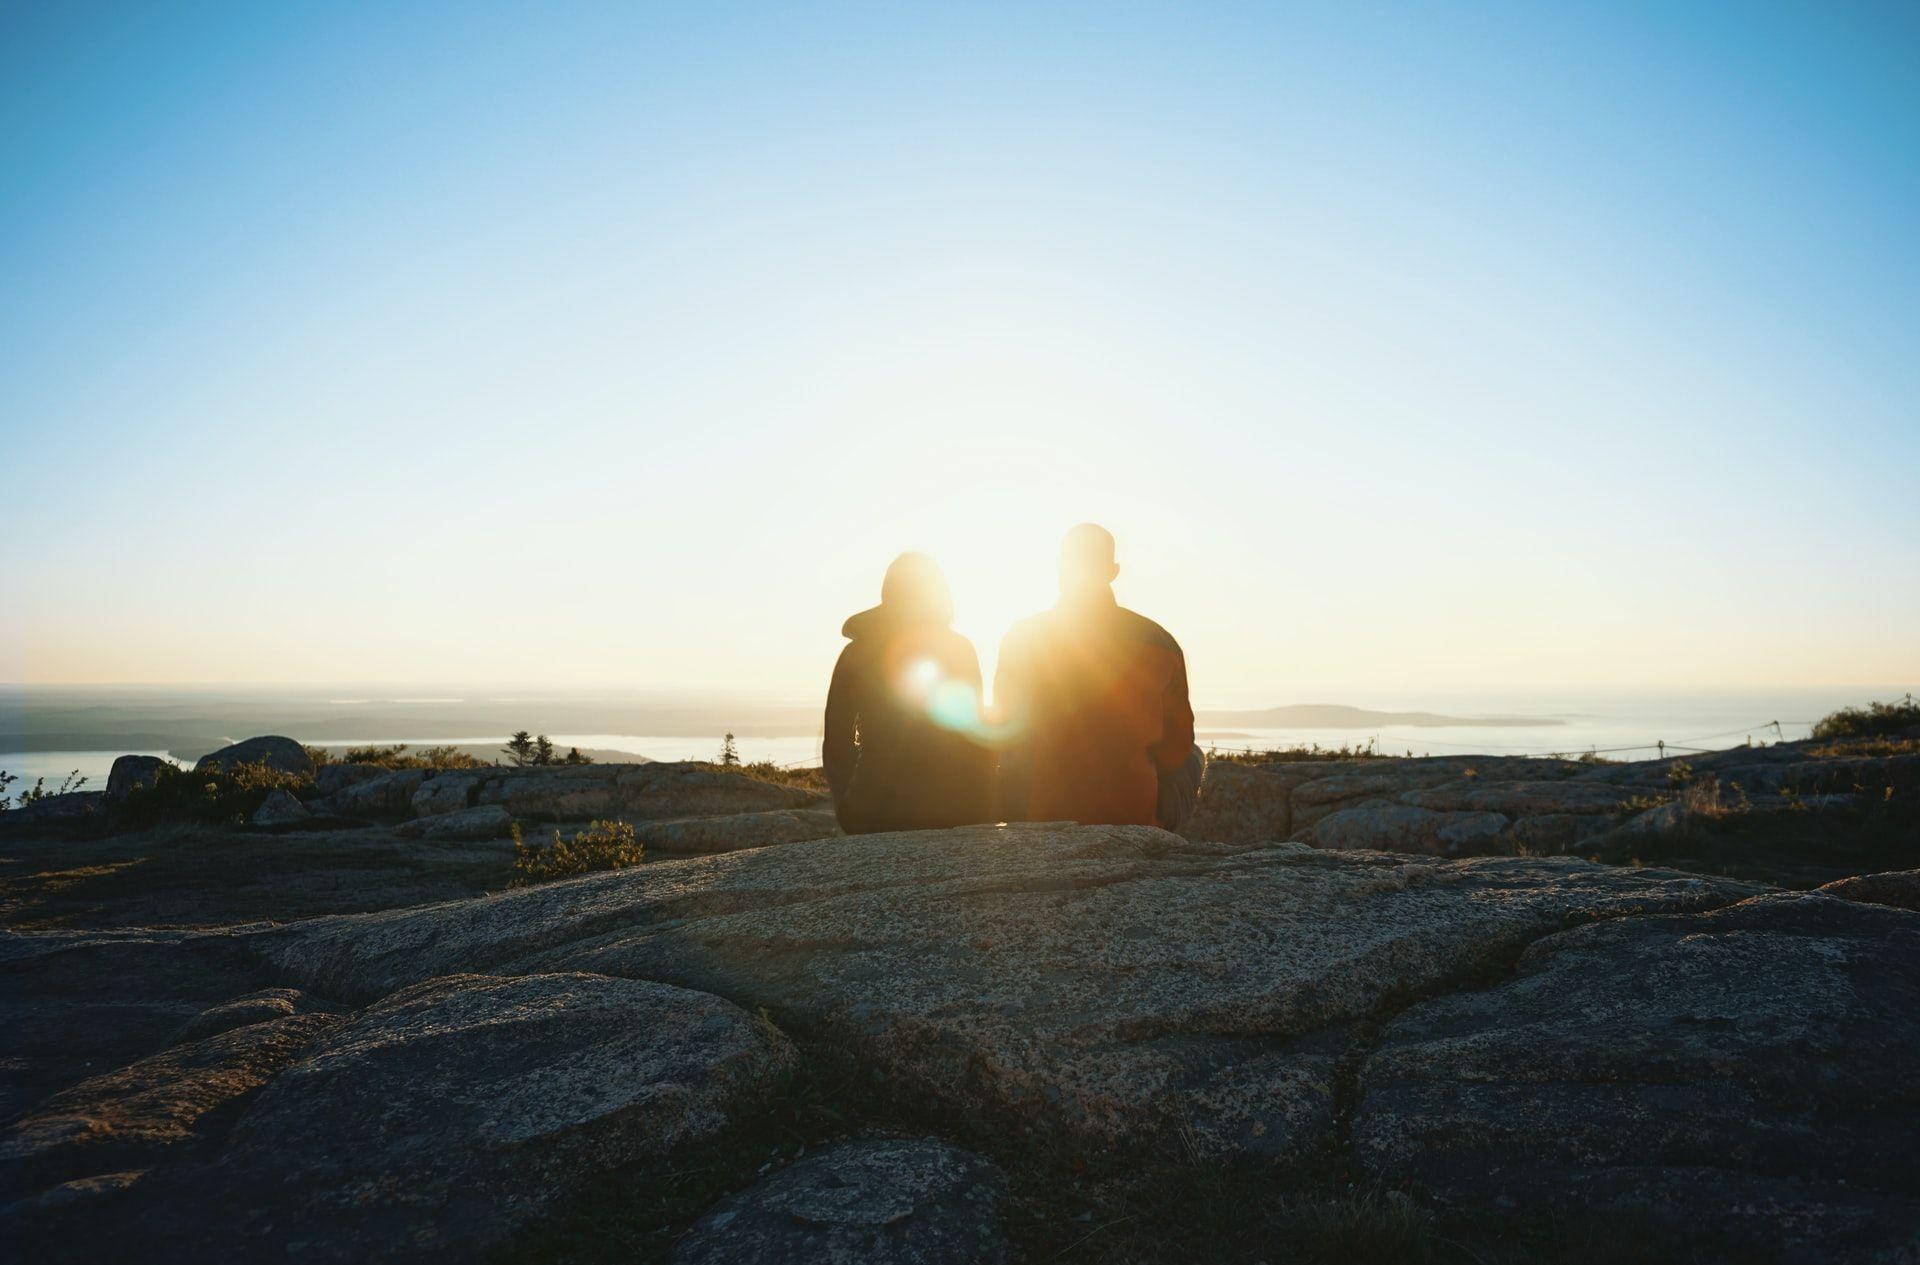 Pariskunnan siluetit kalliolla, aurinko paistaa parin takaa